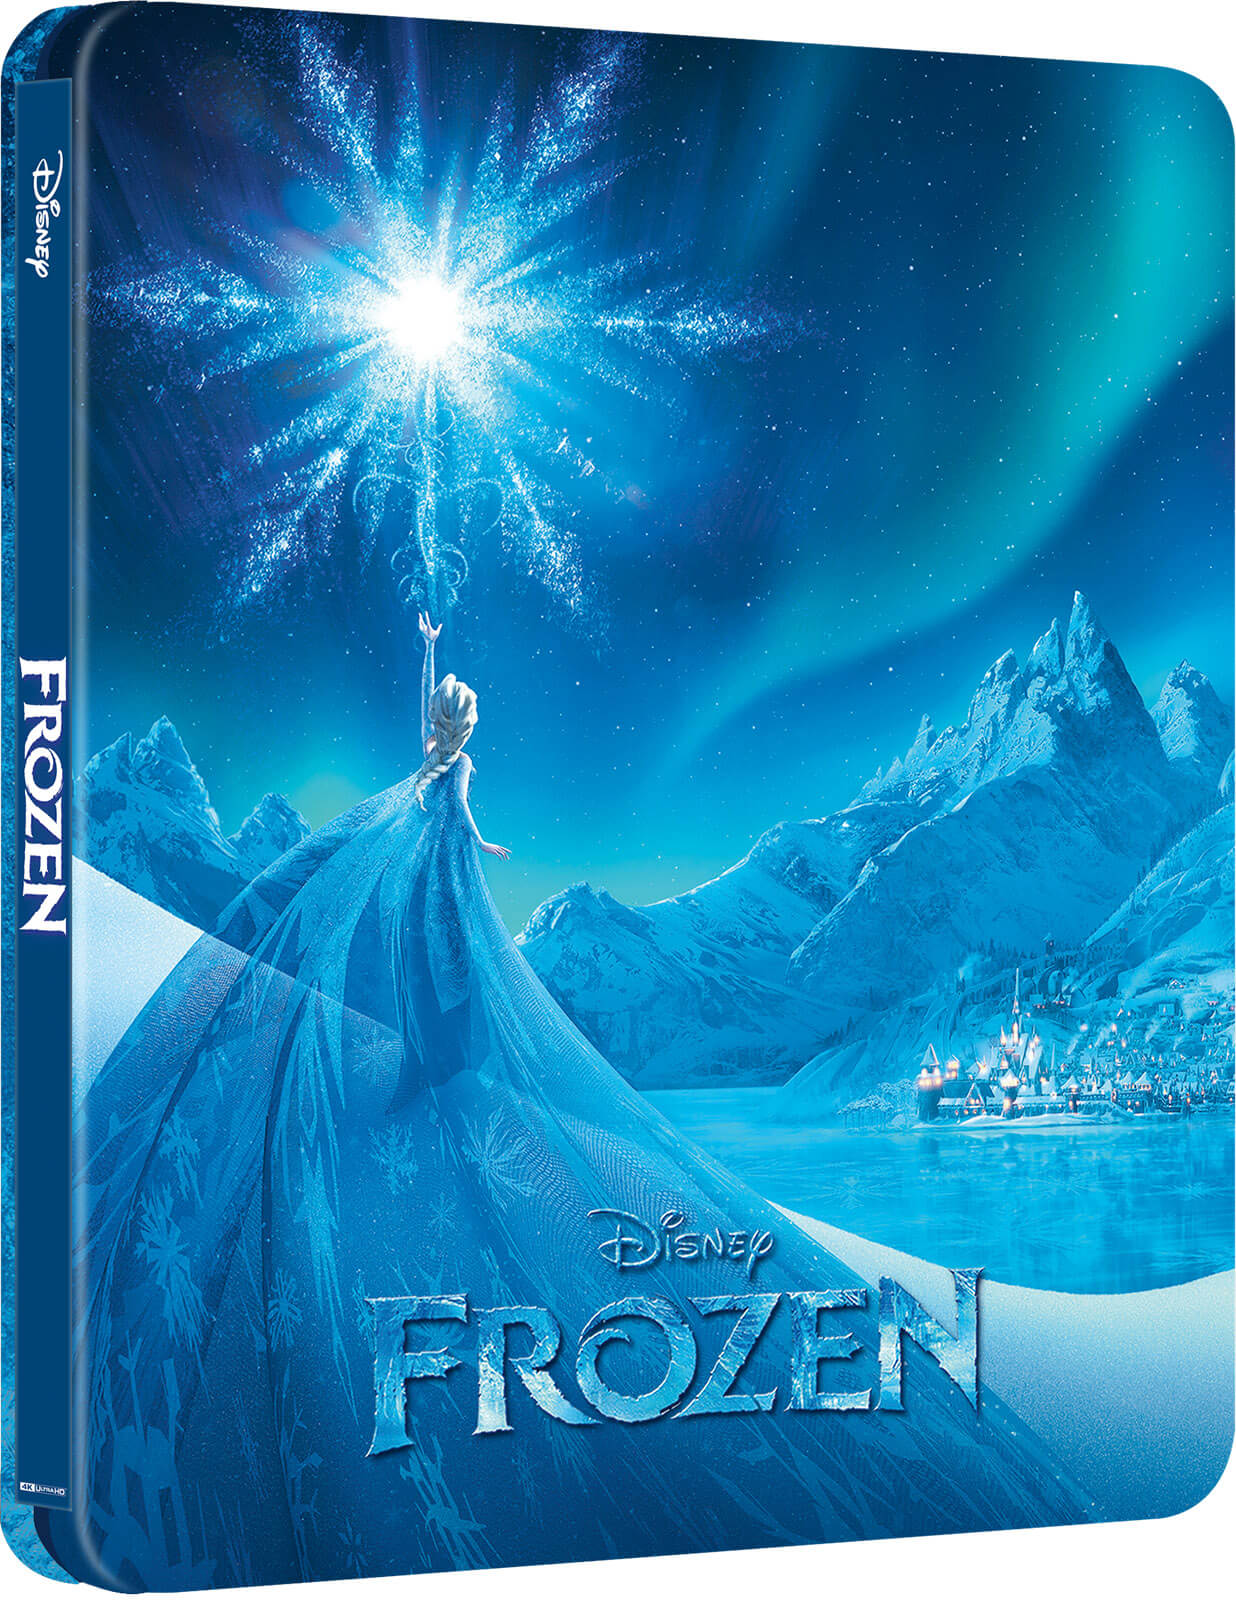 Die Eiskönigin (Frozen)